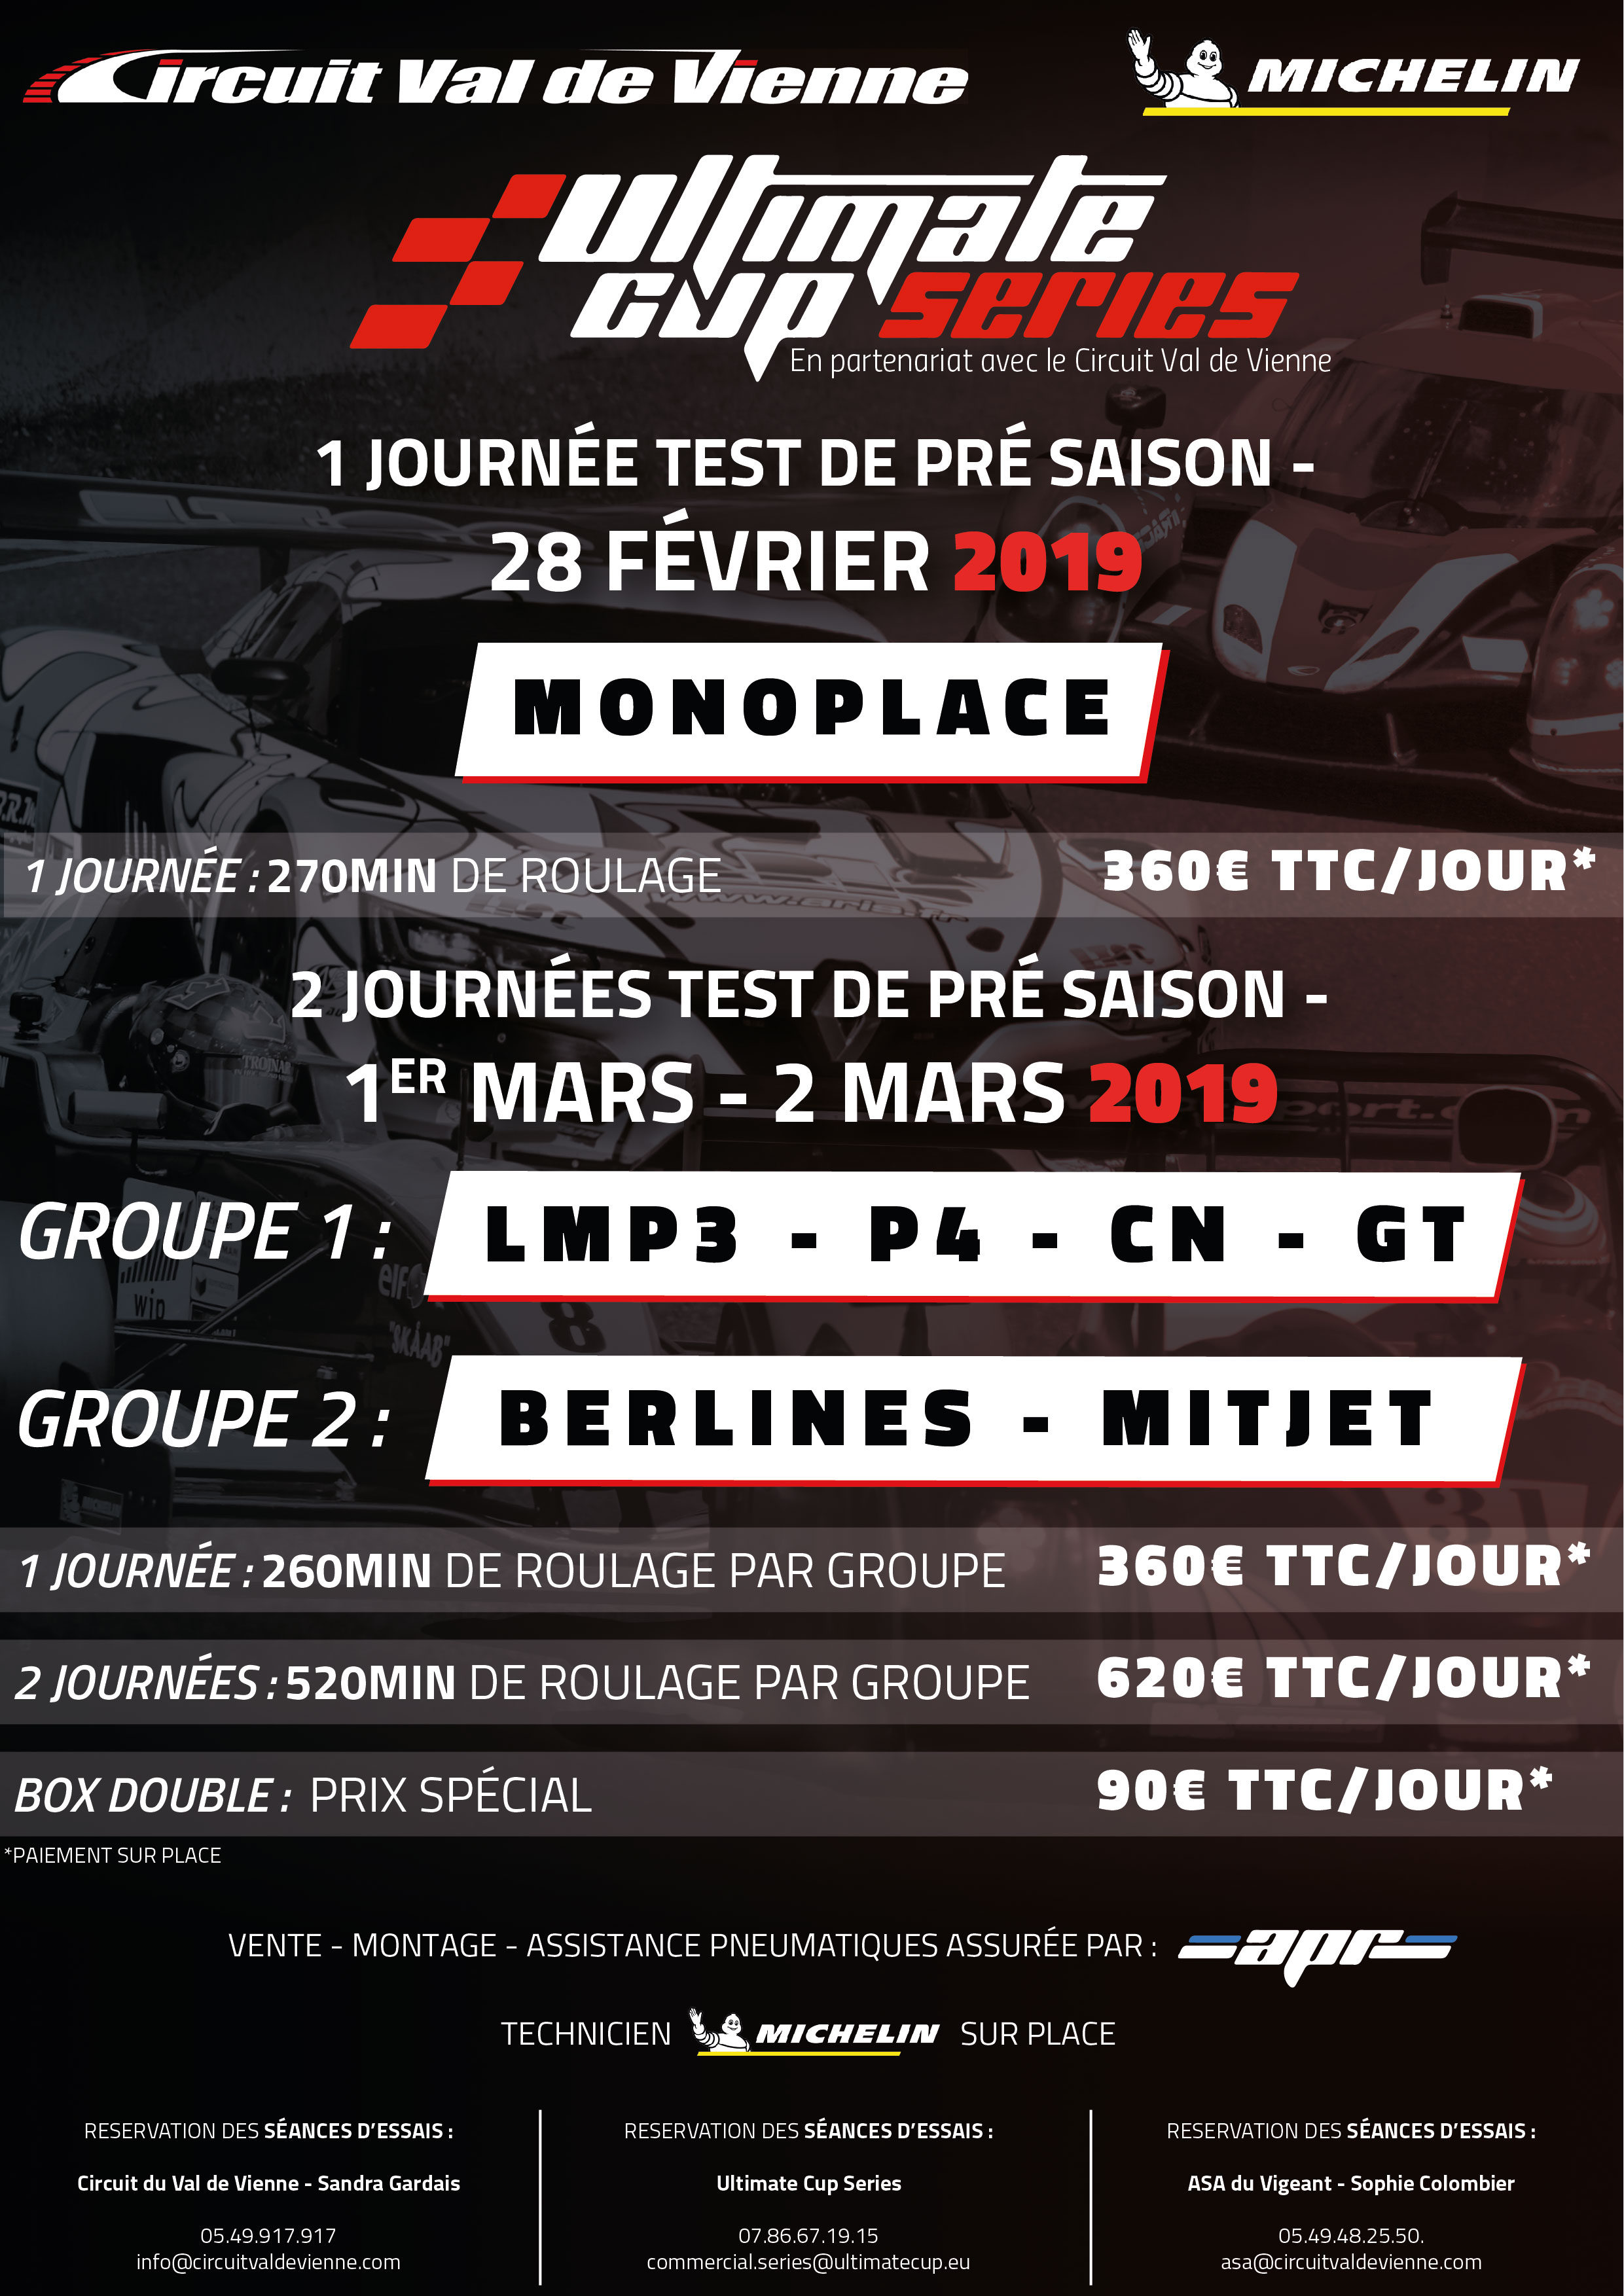 Circuit Val De Vienne Calendrier 2019.L Ultimate Cup Series Organise Plusieurs Journees D Essais